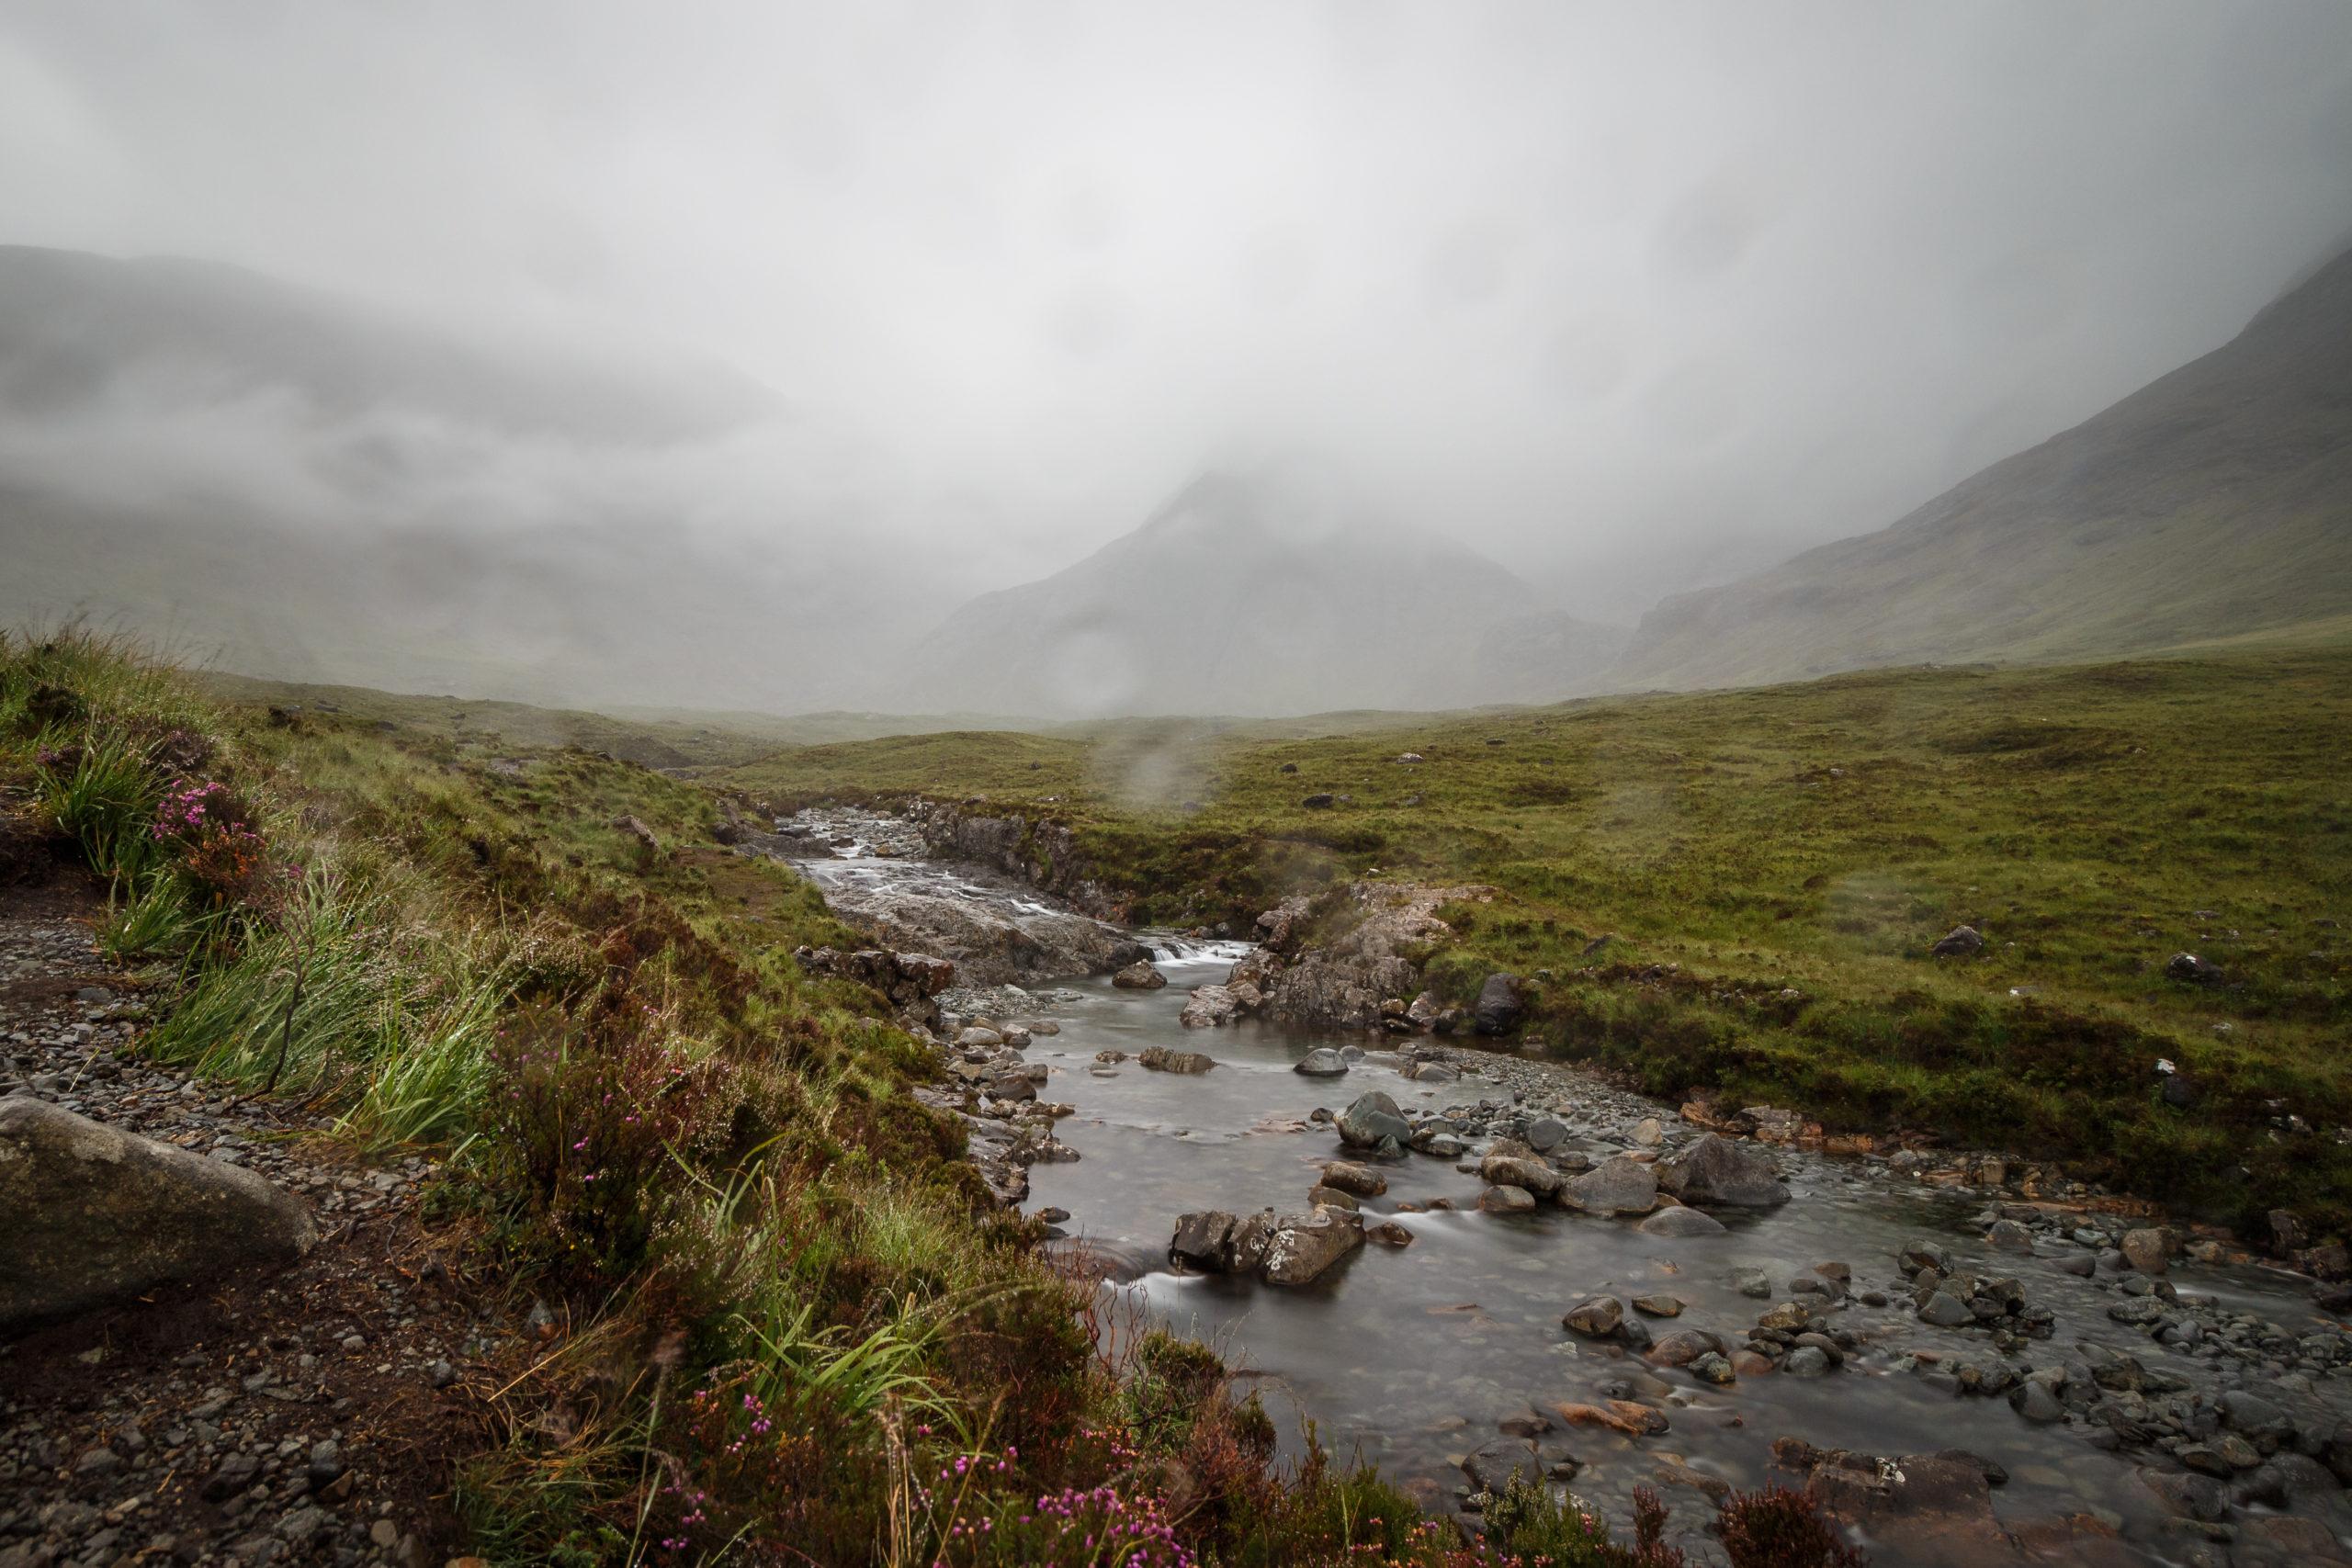 Ein Bach in einer nebelverhangenen Berglandschaft. Im gesamten Bild sind Regentropfen zusehen.